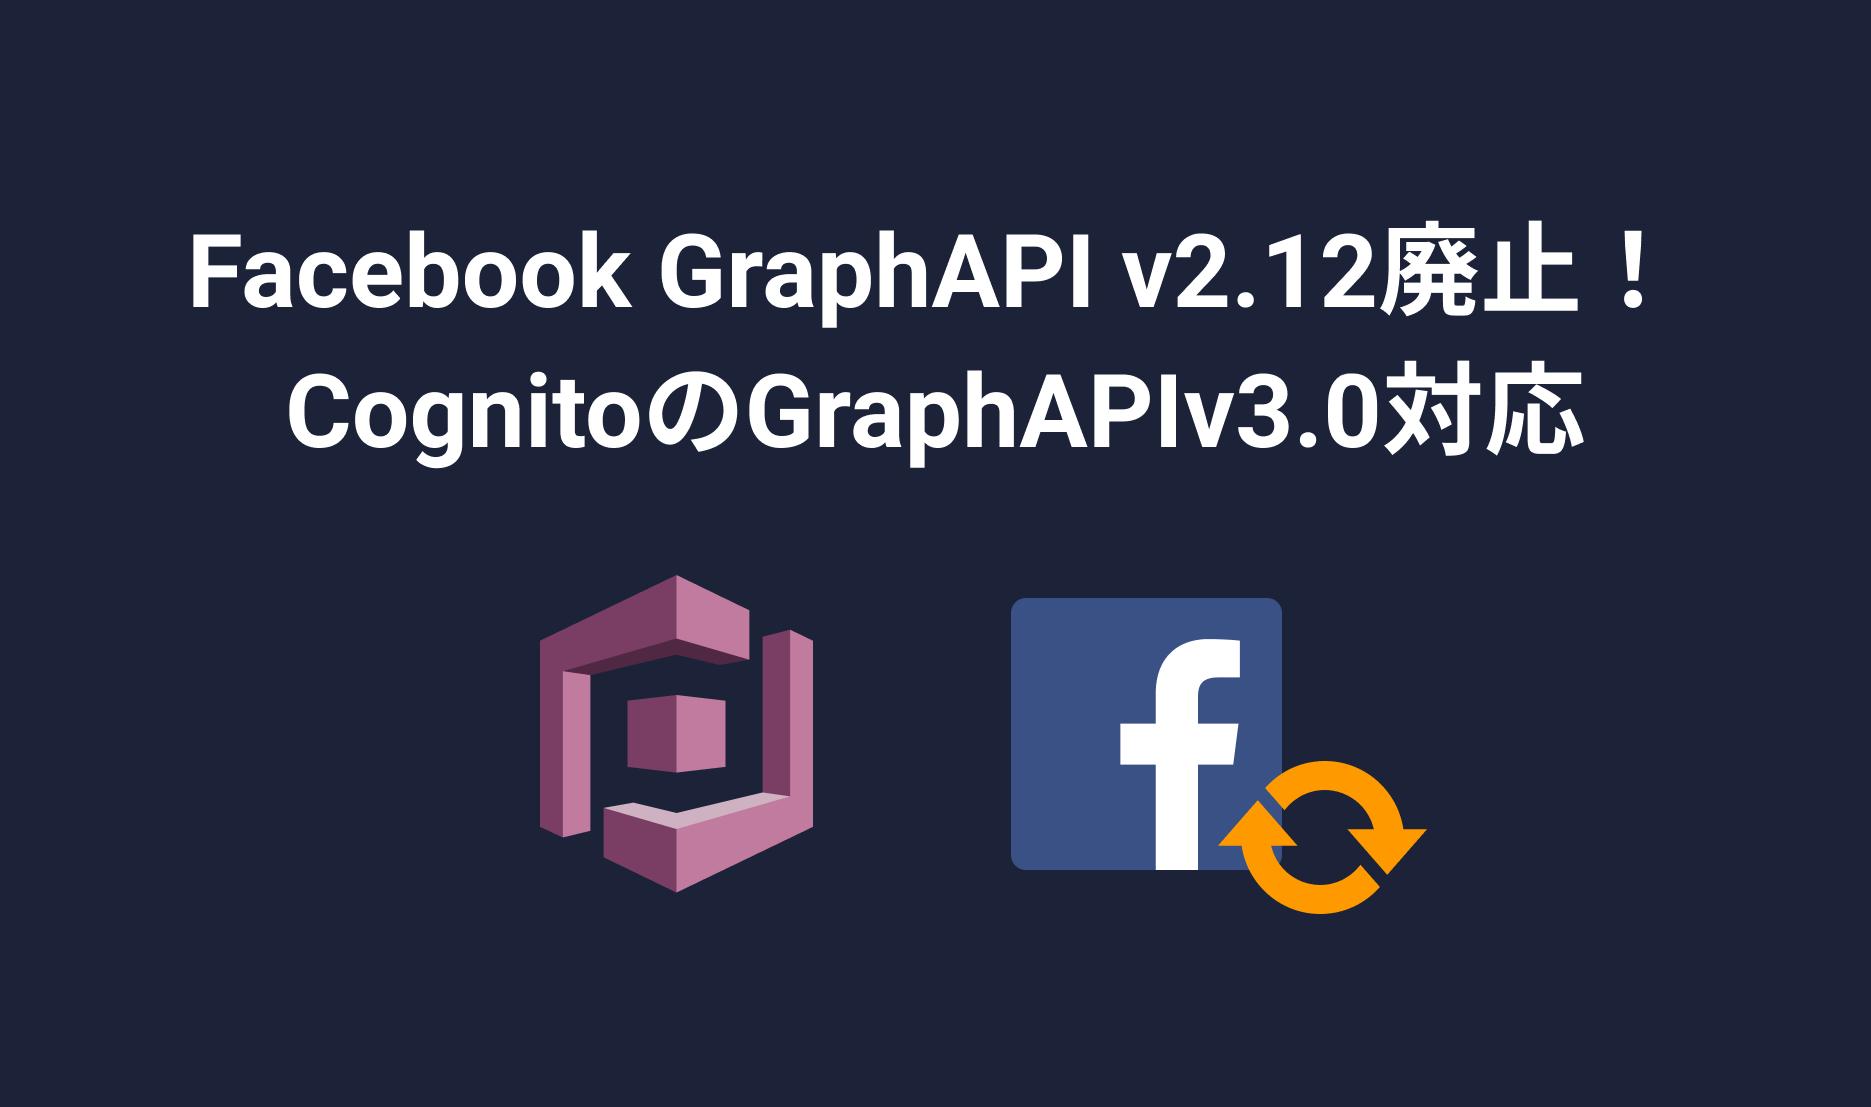 Amazon CognitoユーザープールでのFacebook APIバージョン更新について